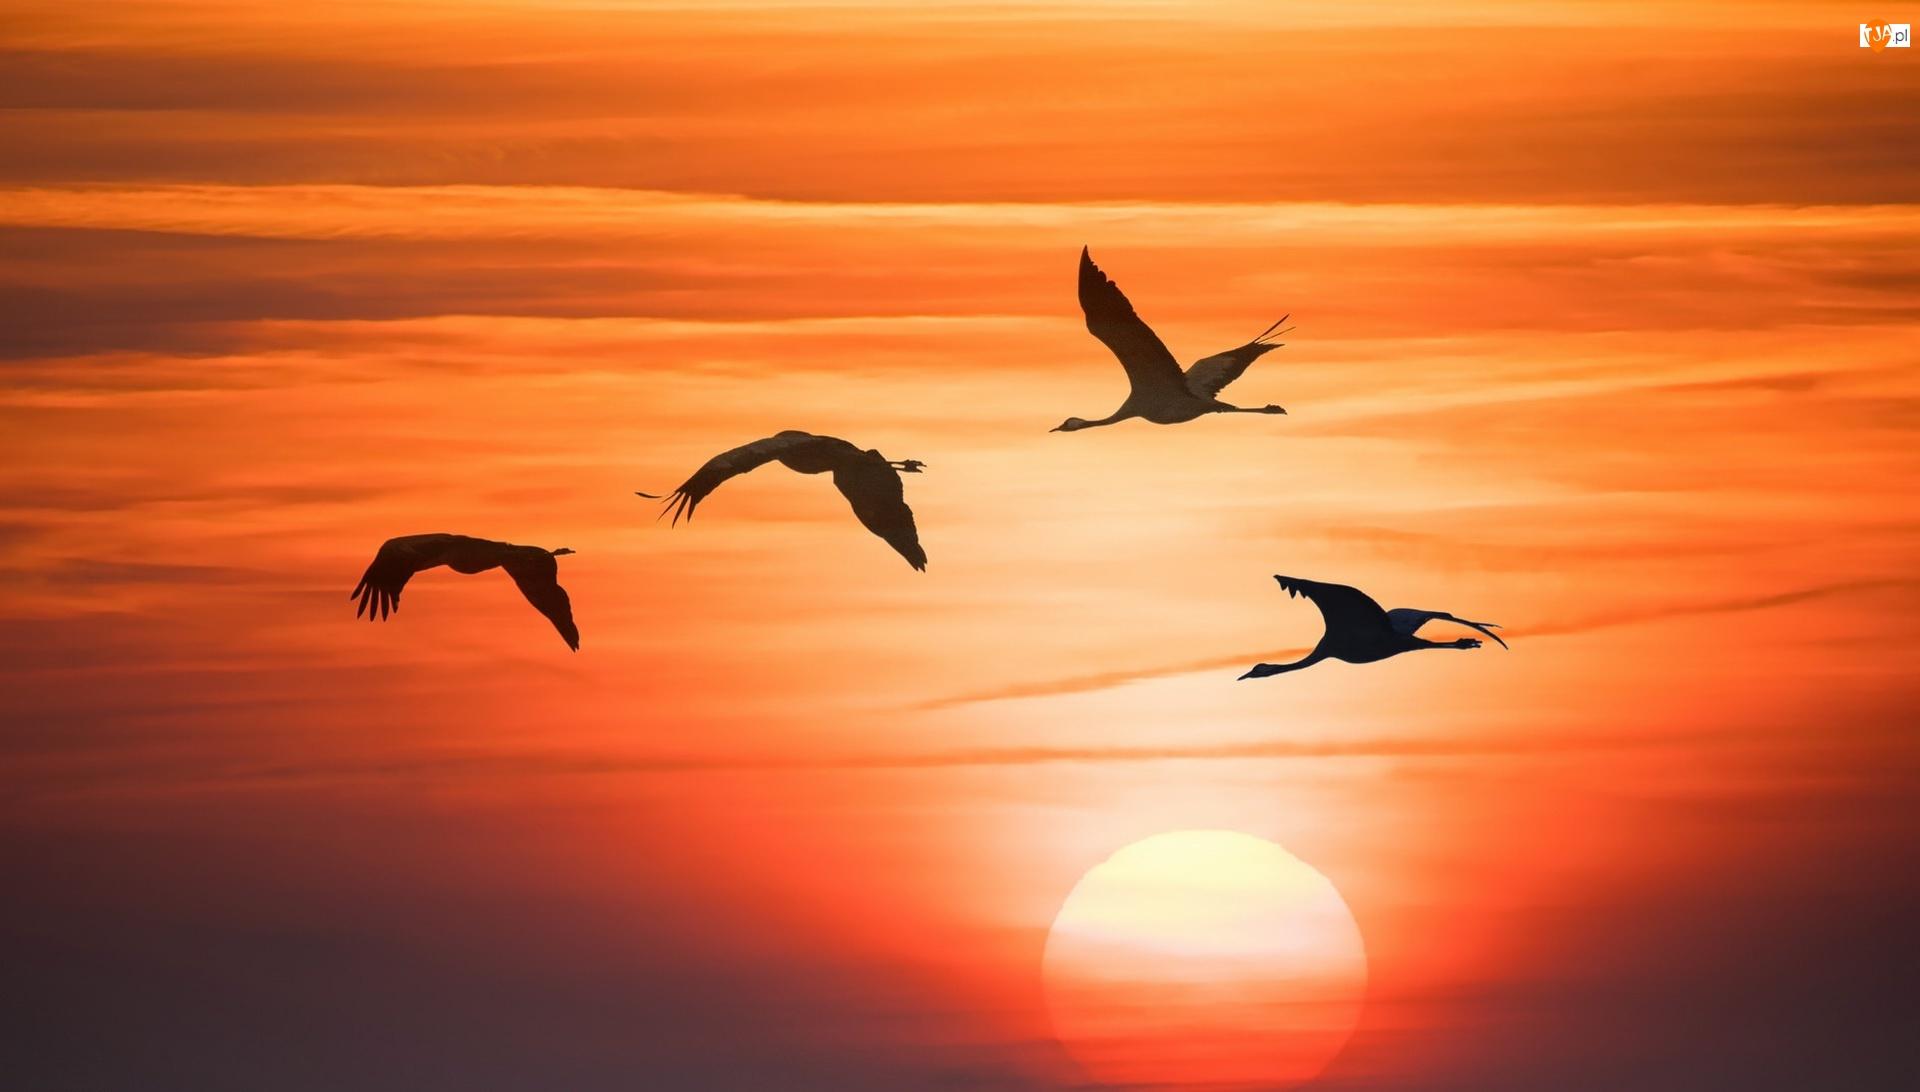 Ptaki, Grafika, Zachód słońca